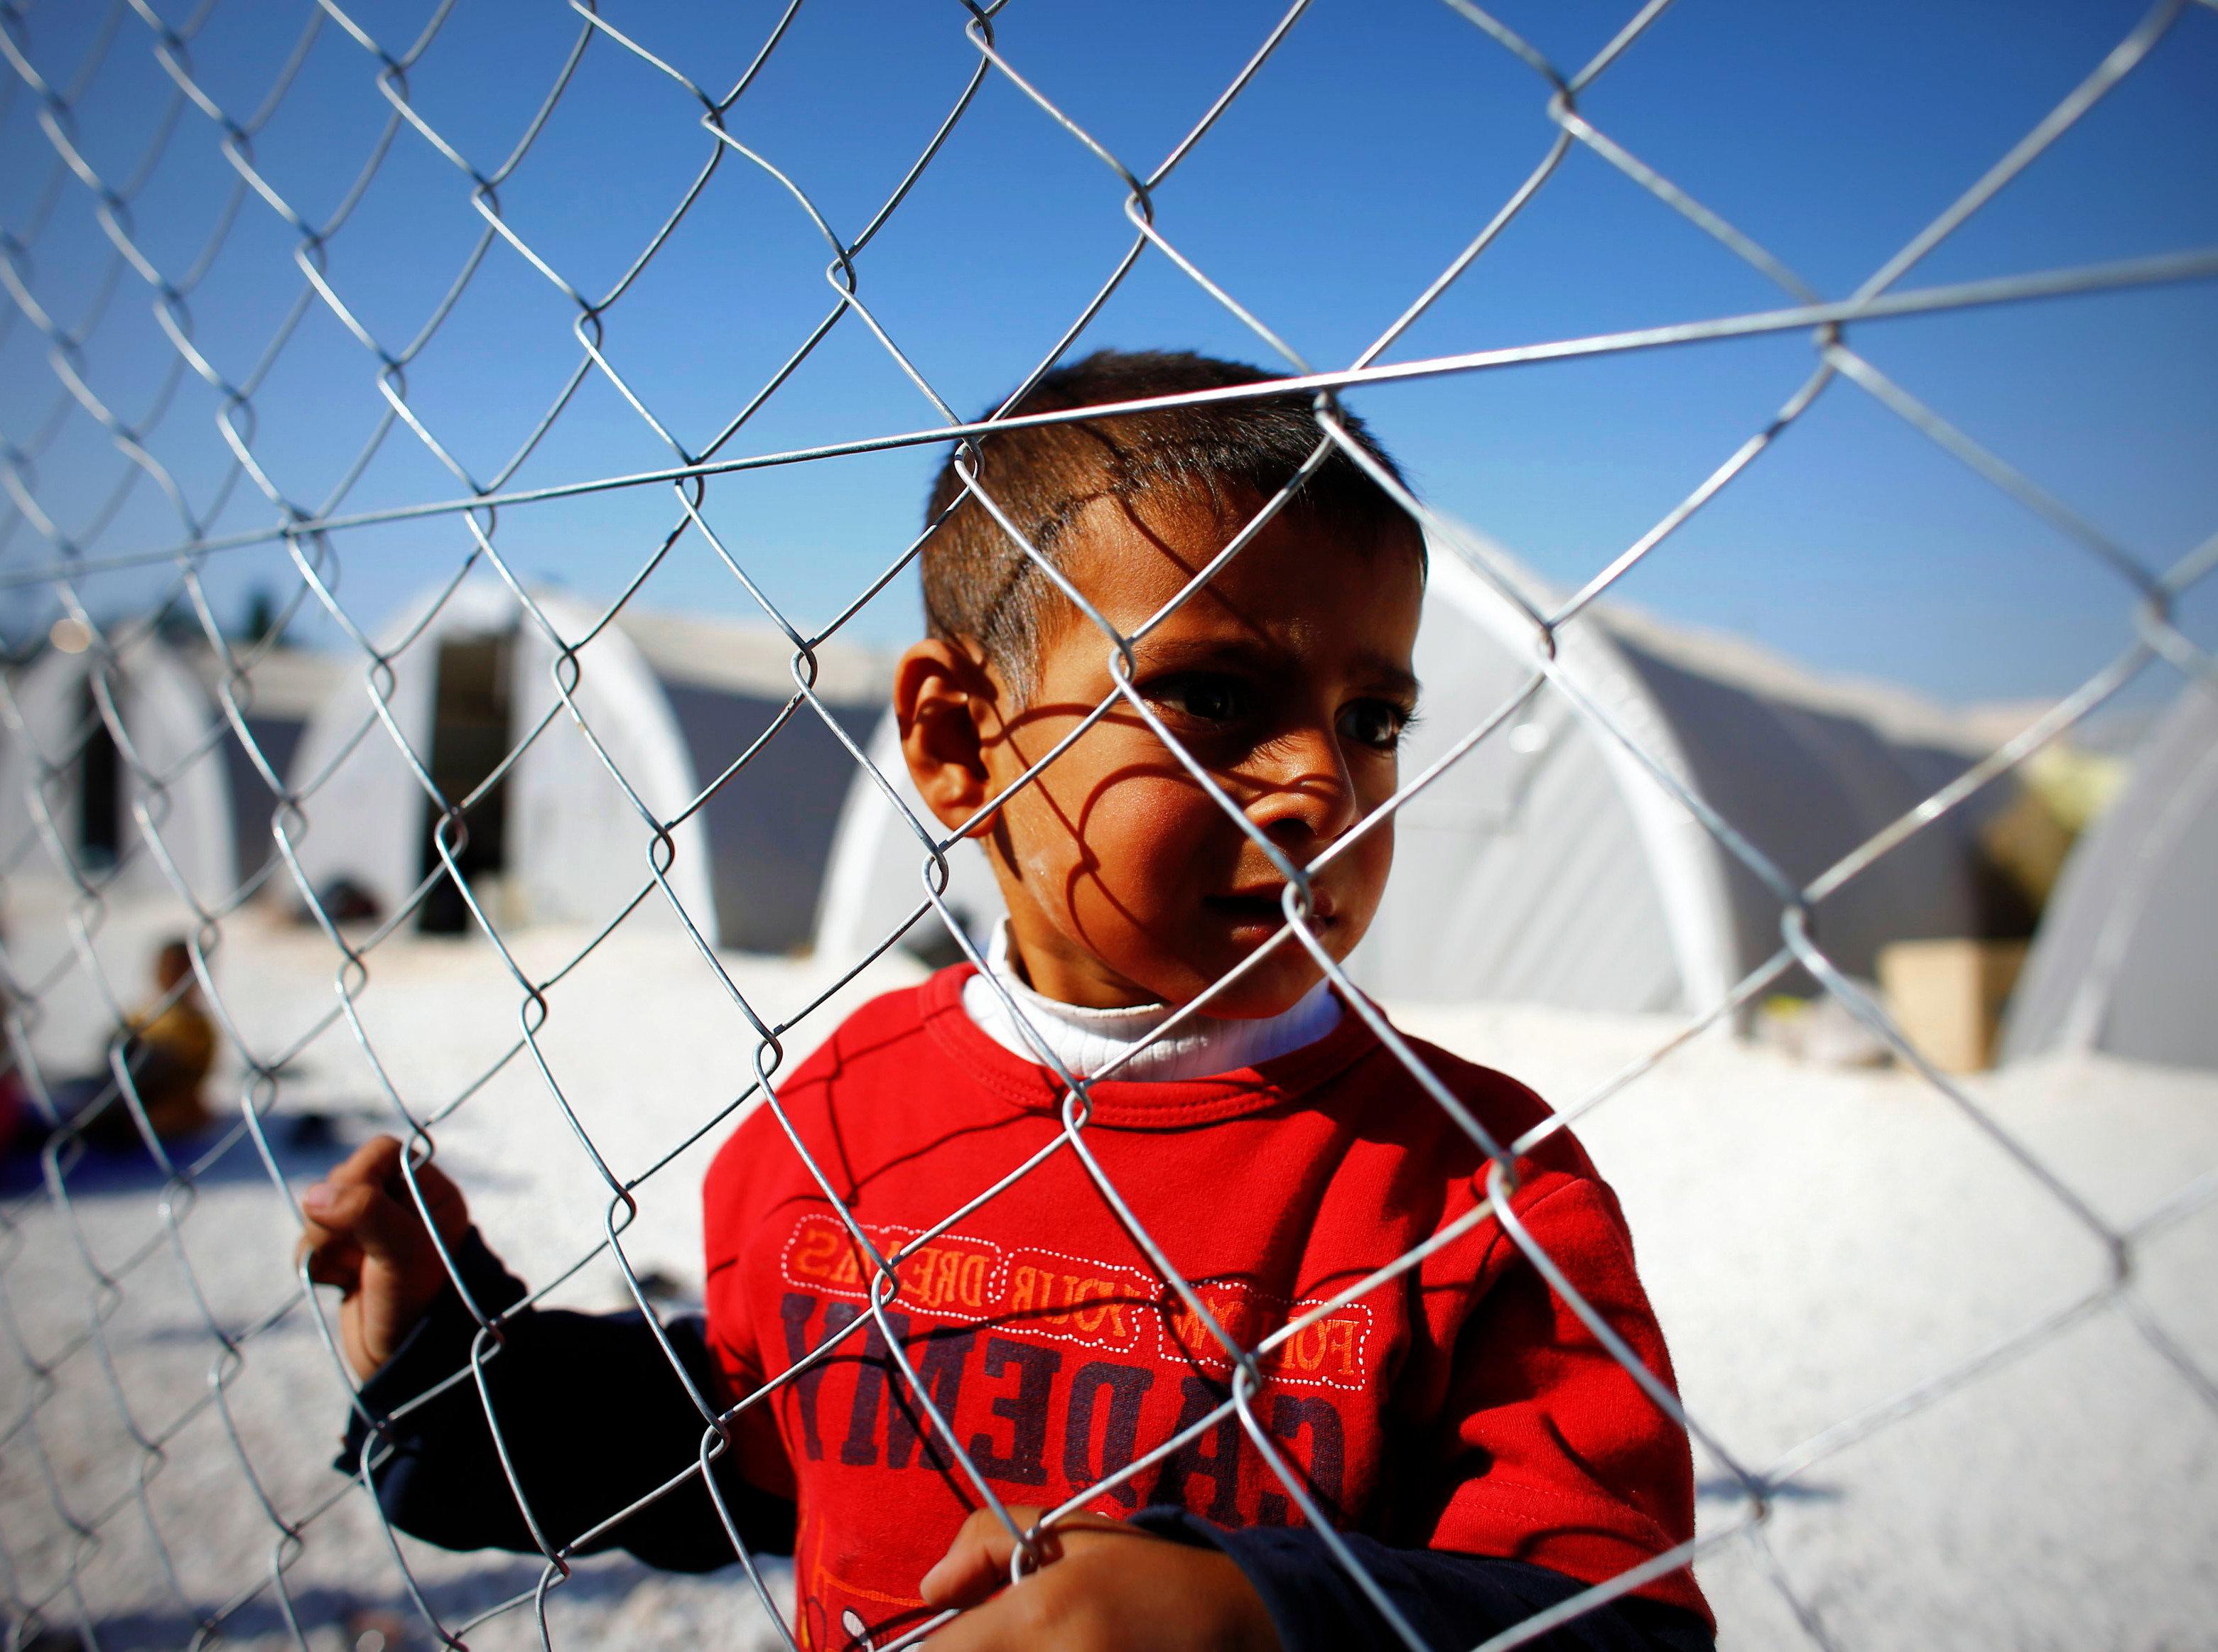 Suriyeli göçmenler için çile bitmiyor Haber  haberler haber